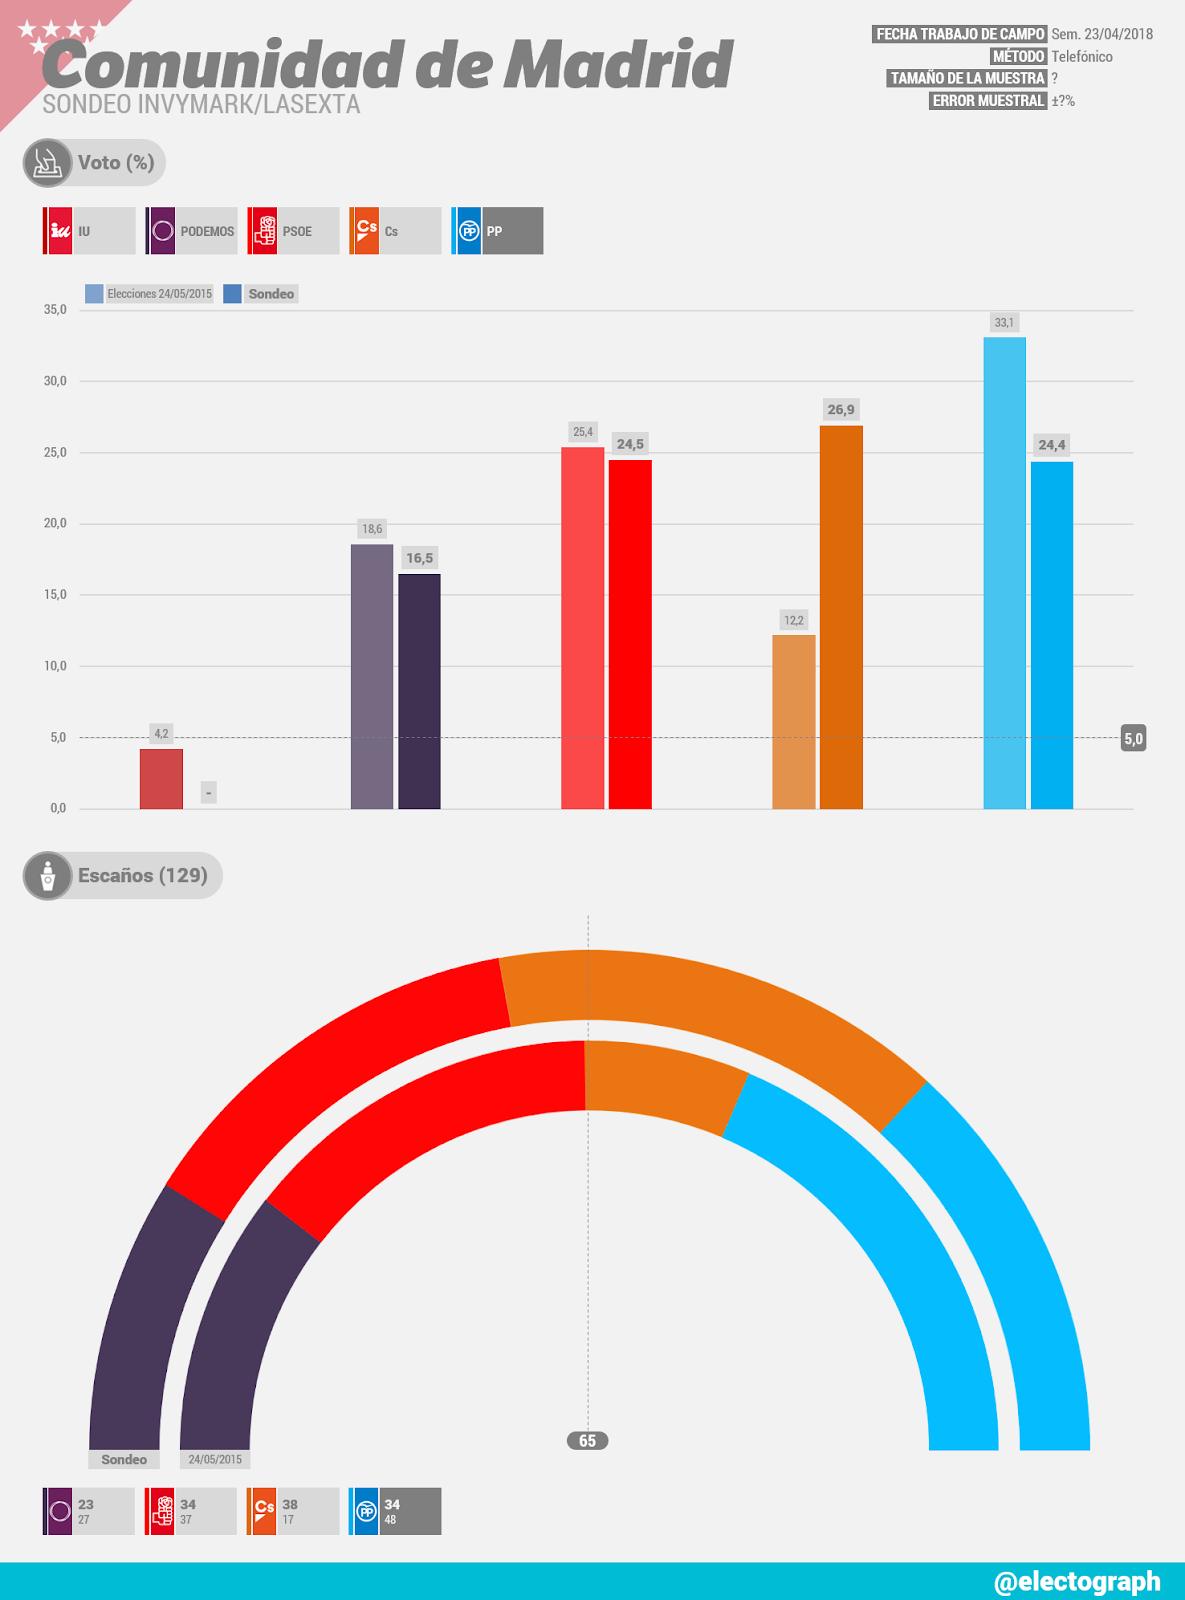 Gráfico de la encuesta para elecciones autonómicas en la Comunidad de Madrid realizada por Invymark para LaSexta en abril de 2018